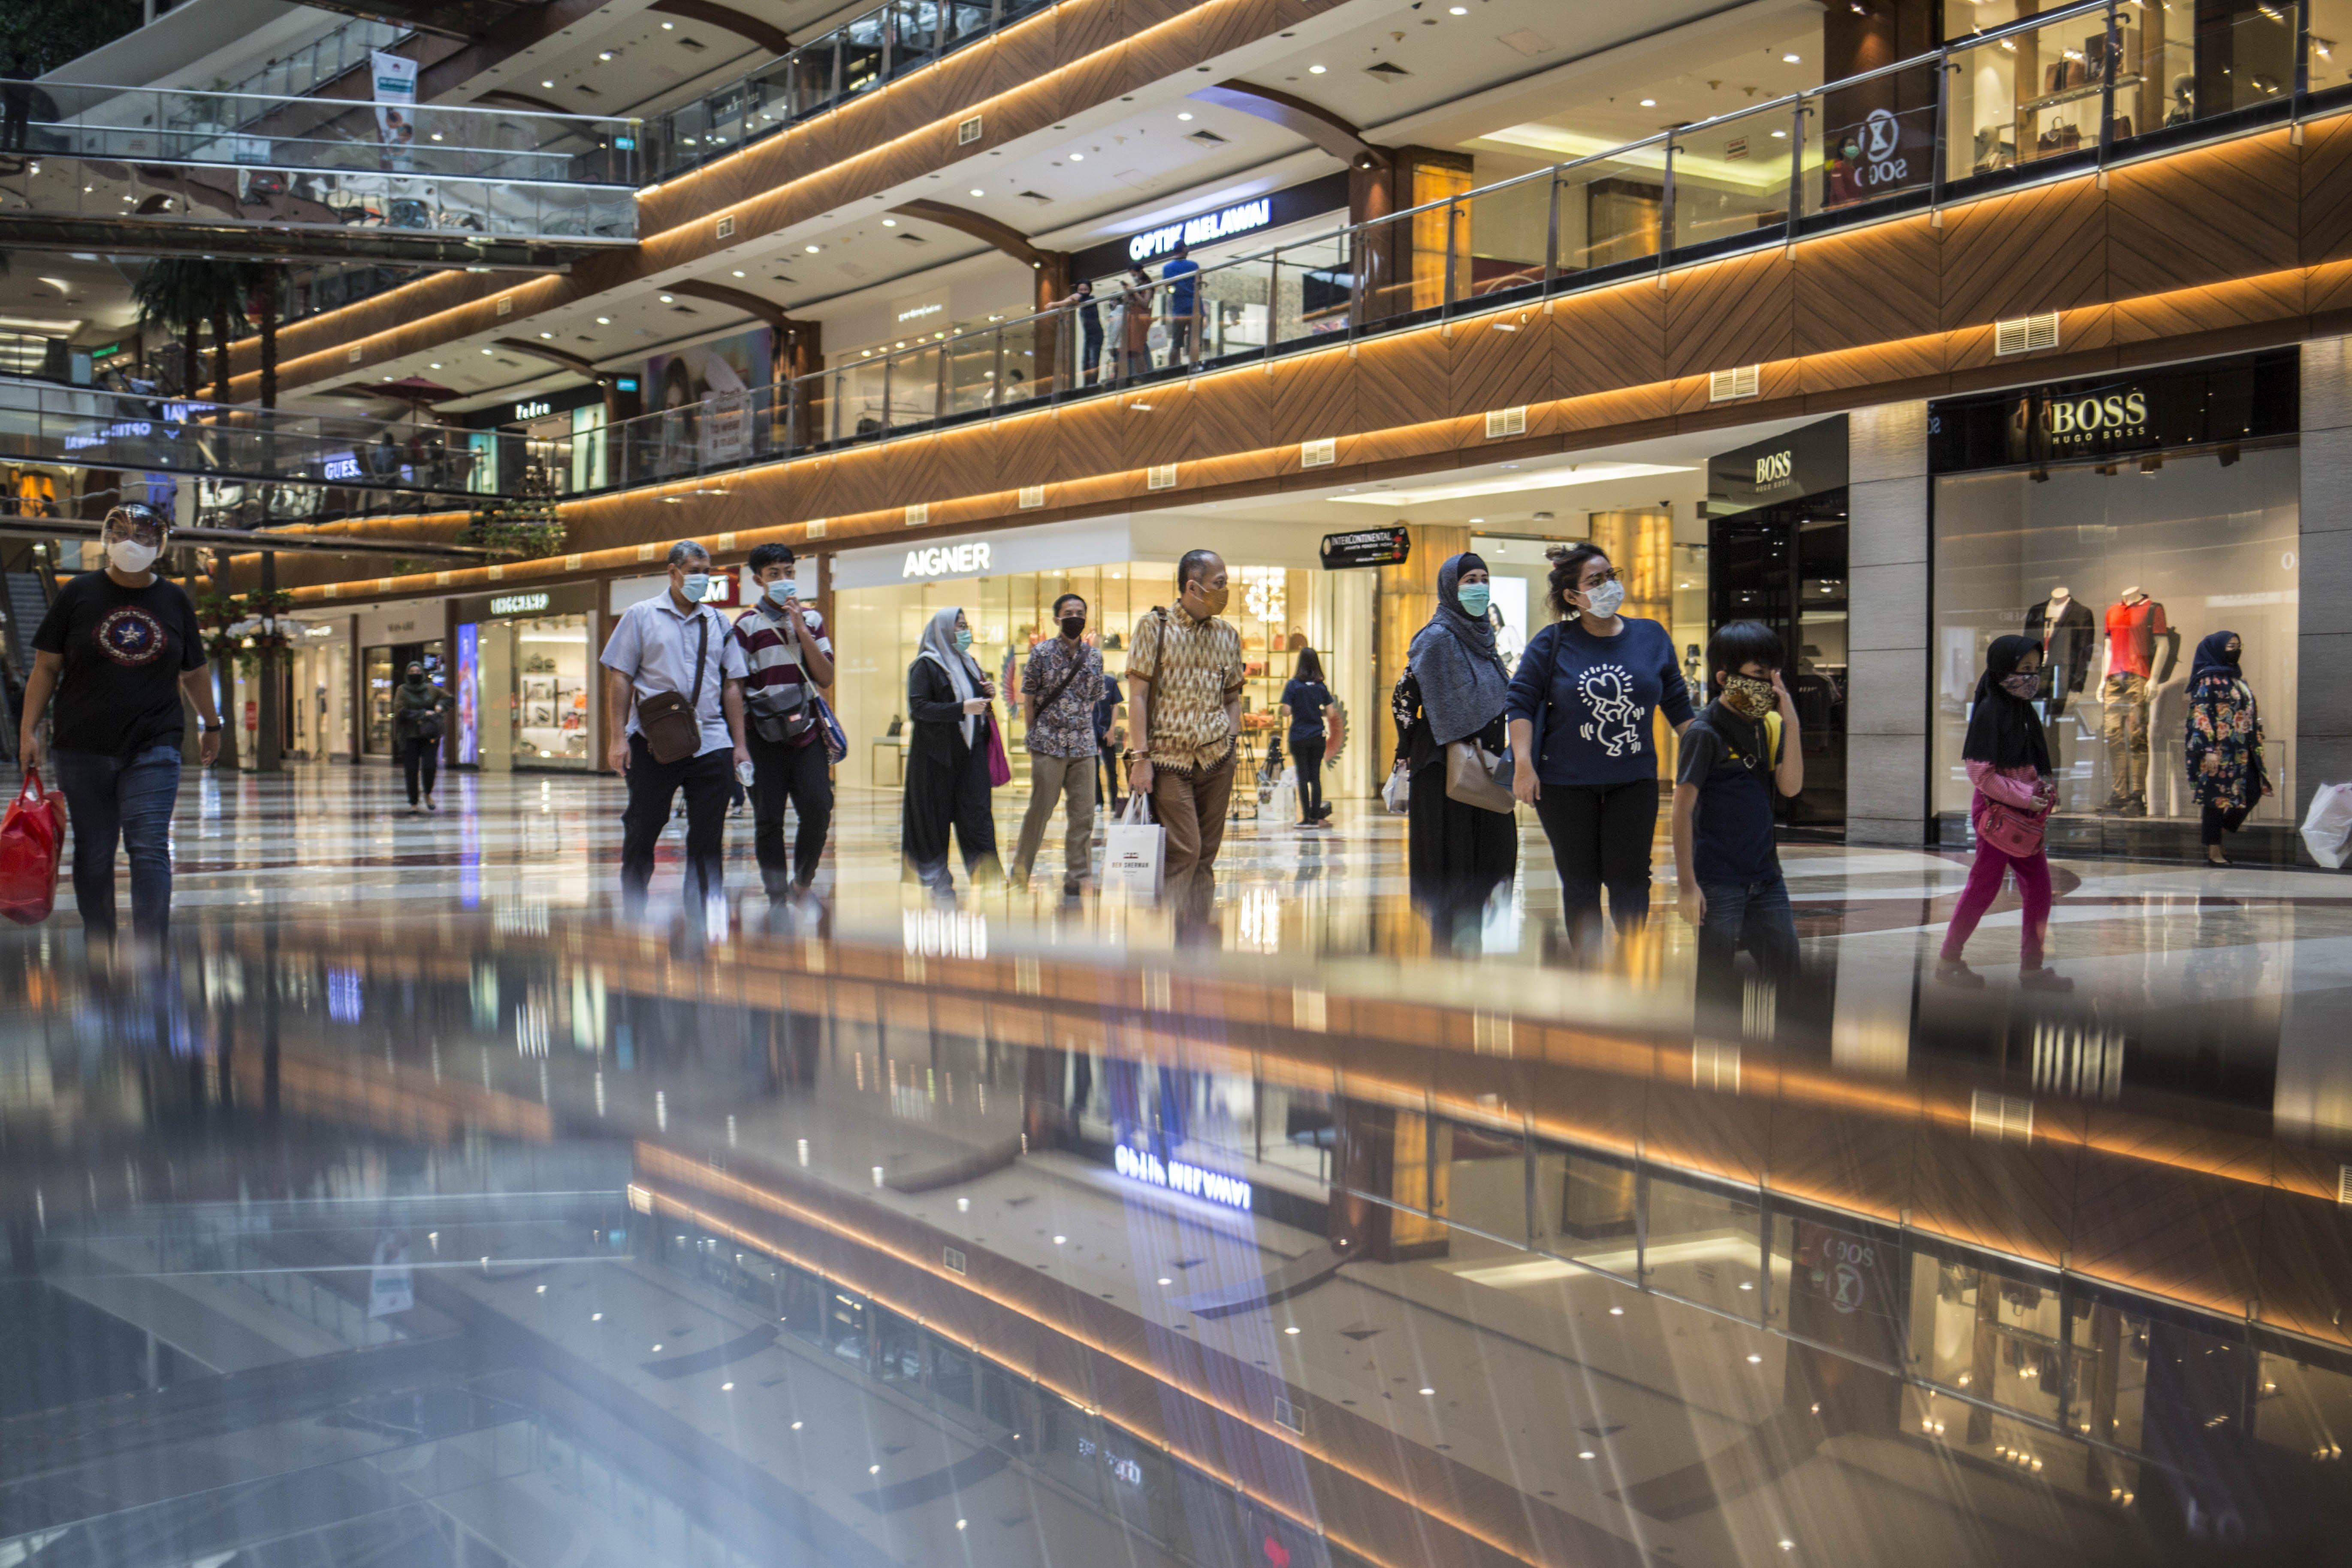 Warga berbelanja di Pondok Indah Mall, Jakarta Selatan. Tak hanya itu, 'keleluasaan' juga diberikan Pemprov DKI Jakarta dengan tetap mengizinkan pasar dan pusat perbelanjaan (mal) tetap buka pada PSBB. Meski demikian, Pemprov DKI ancam menutup seluruh operasional di tempat-tempat yang disebutkan di atas apabila terdapat kasus positif covid-19.